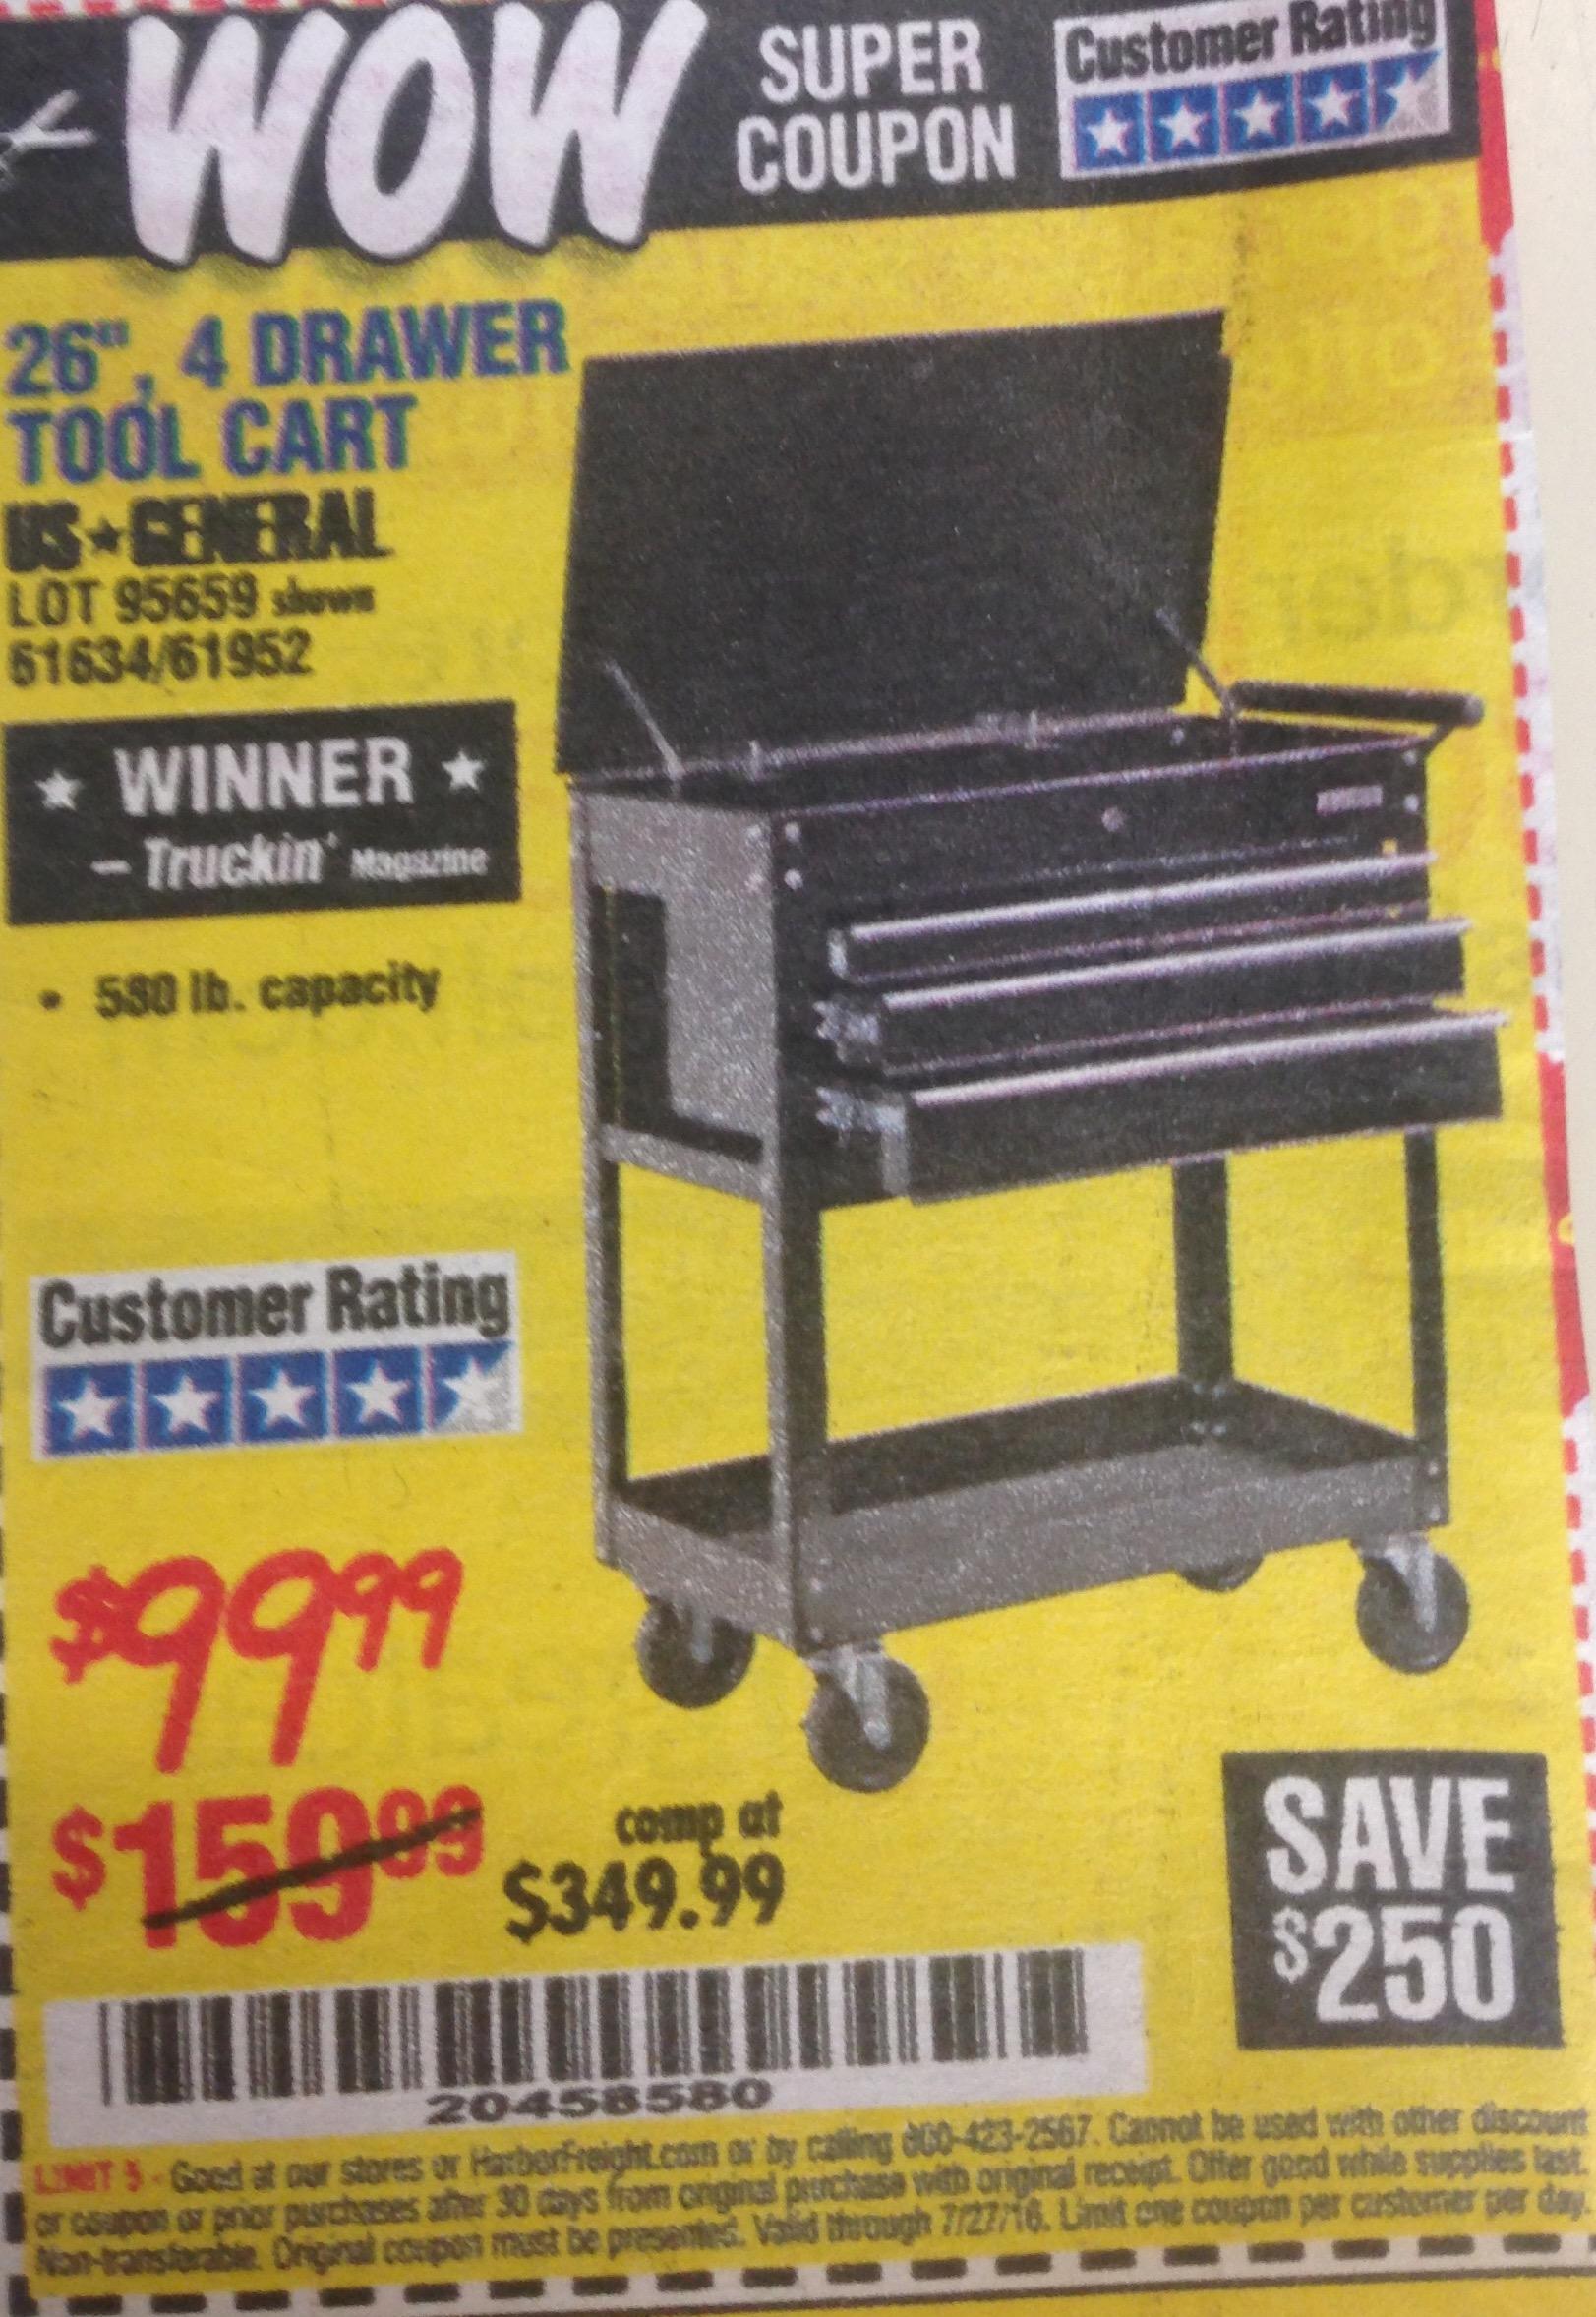 Cart coupons